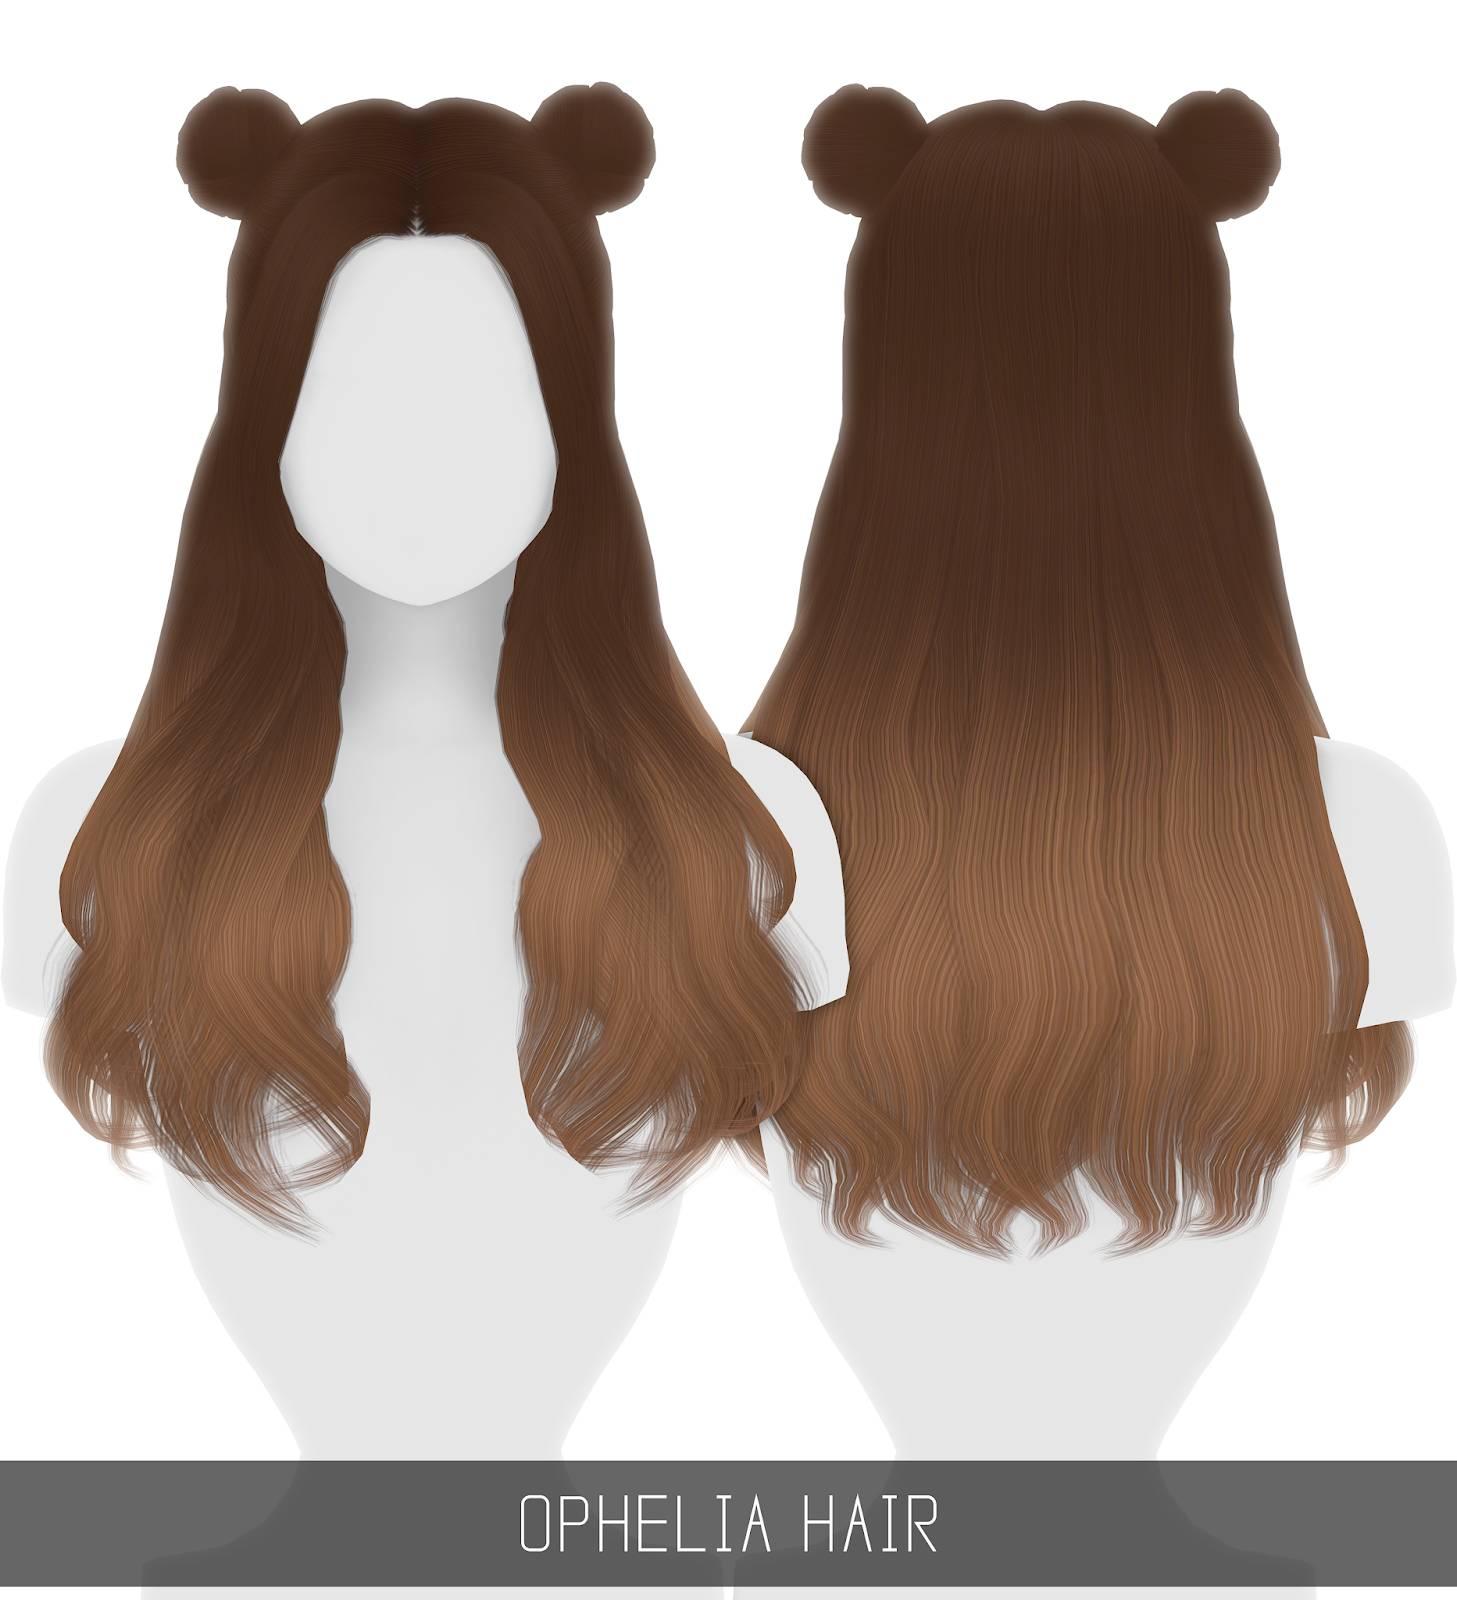 Прическа - OPHELIA HAIR